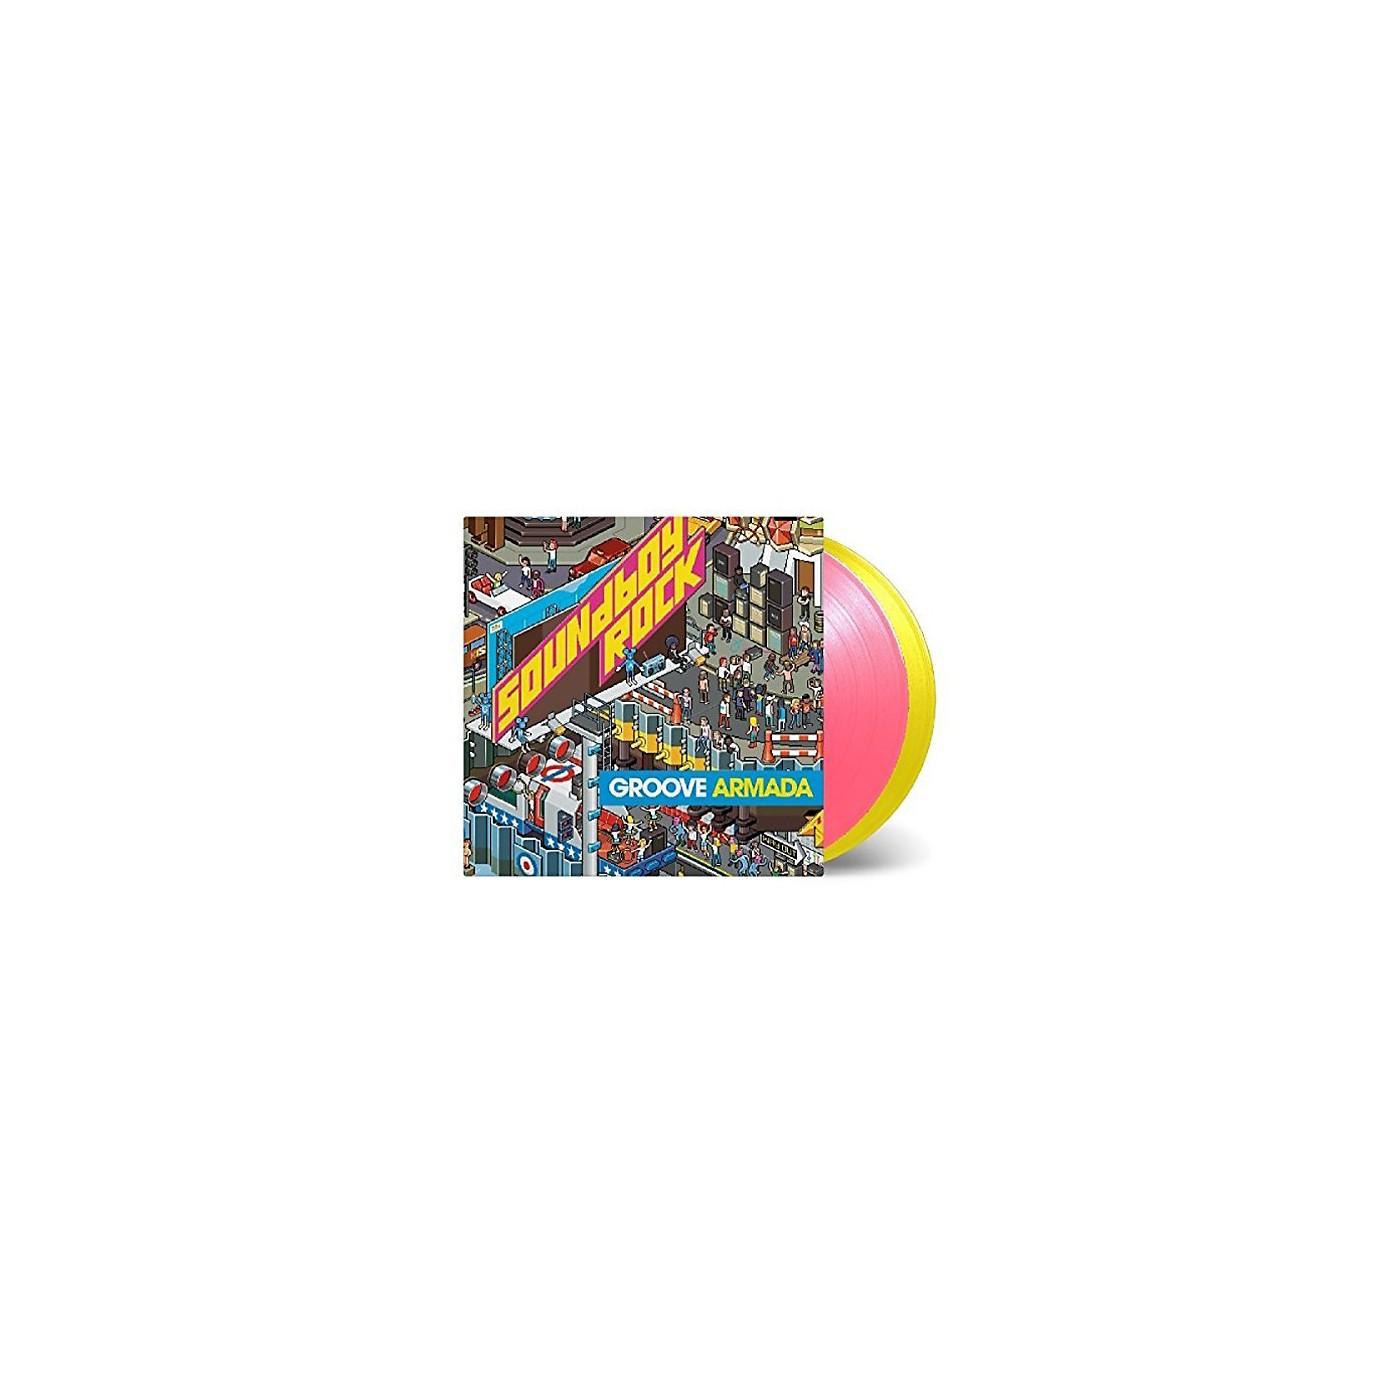 Alliance Groove Armada - Soundboy Rock thumbnail